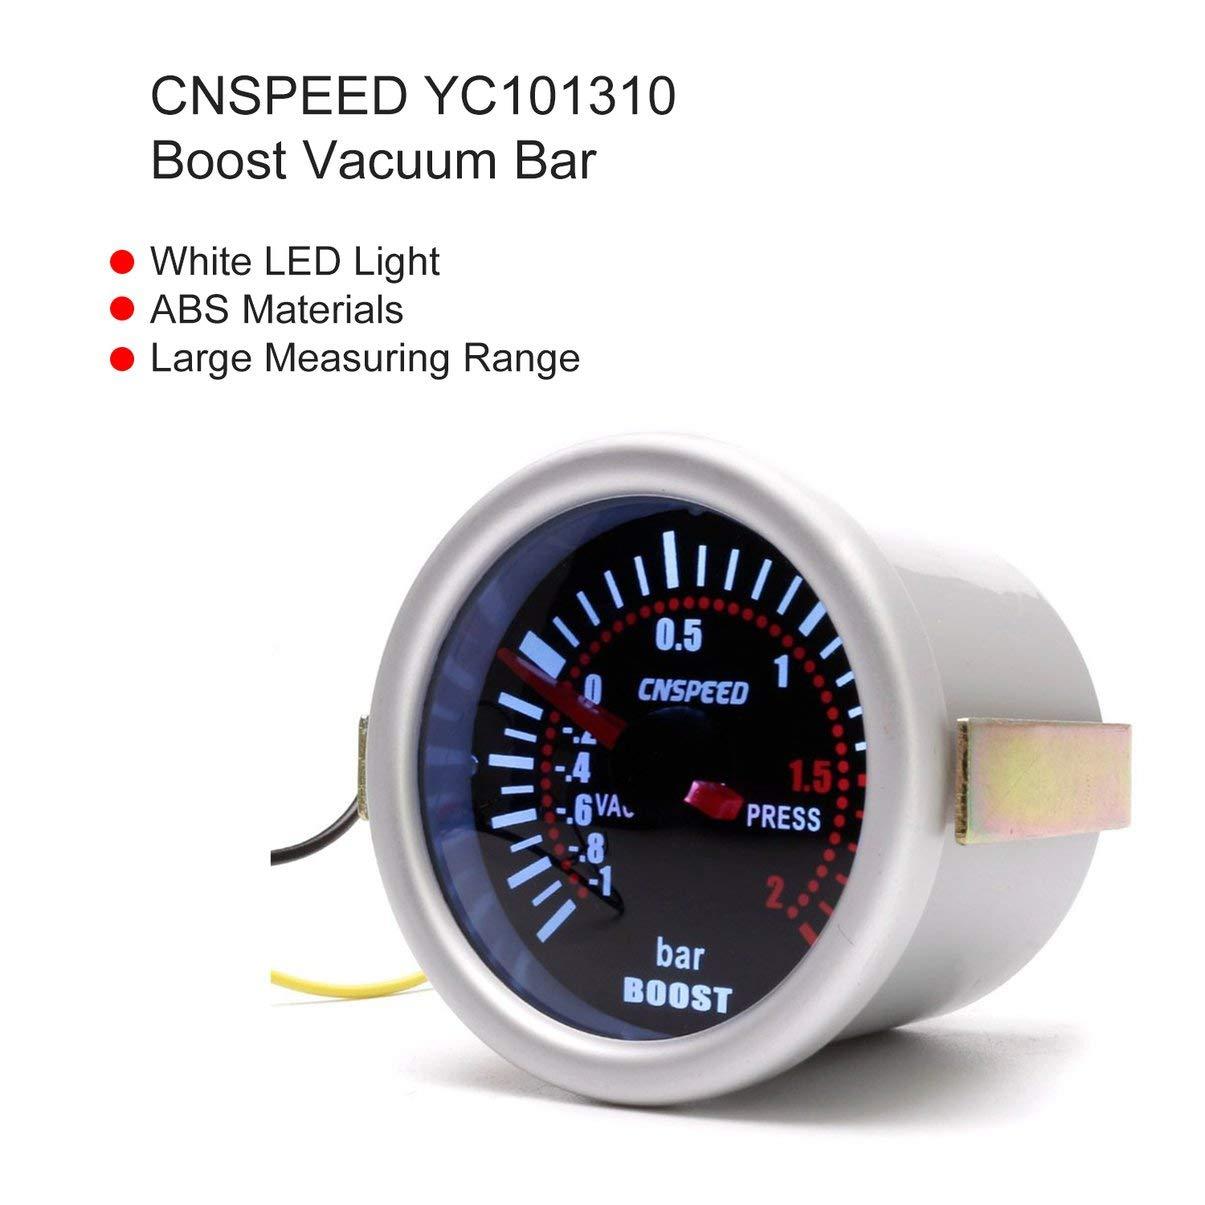 CNSPEED YC101310 Digital Universal 52mm Turbo Boost Vacío del coche -1~2 BAR manómetro de presión de presión medidor de indicador de humo Len LED: ...